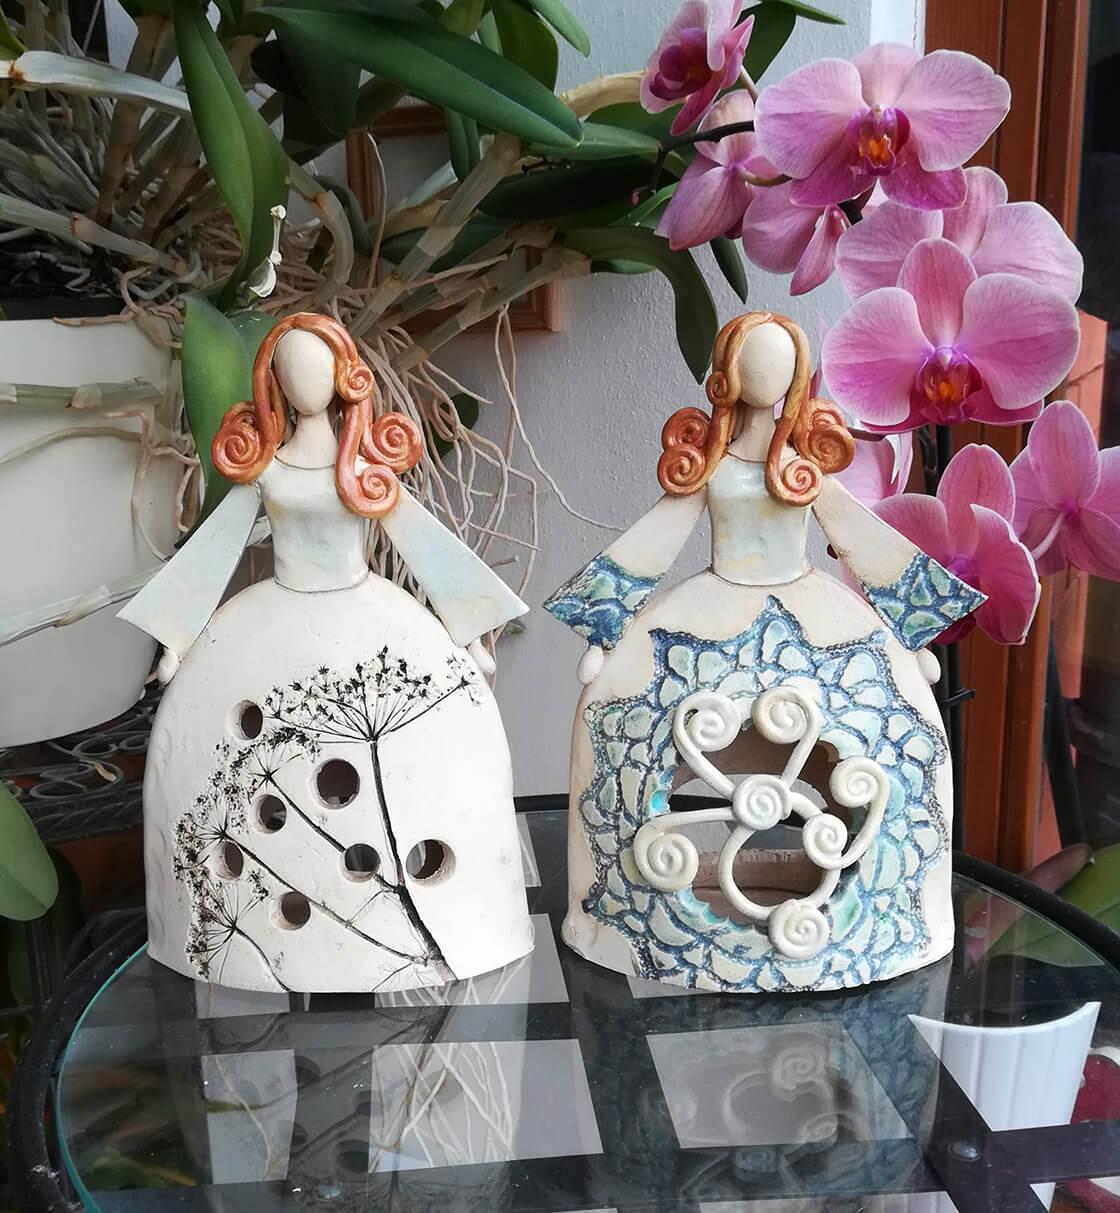 https://www.ateliervz.cz/wp-content/uploads/2020/08/ateliervz_keramika_080.jpg